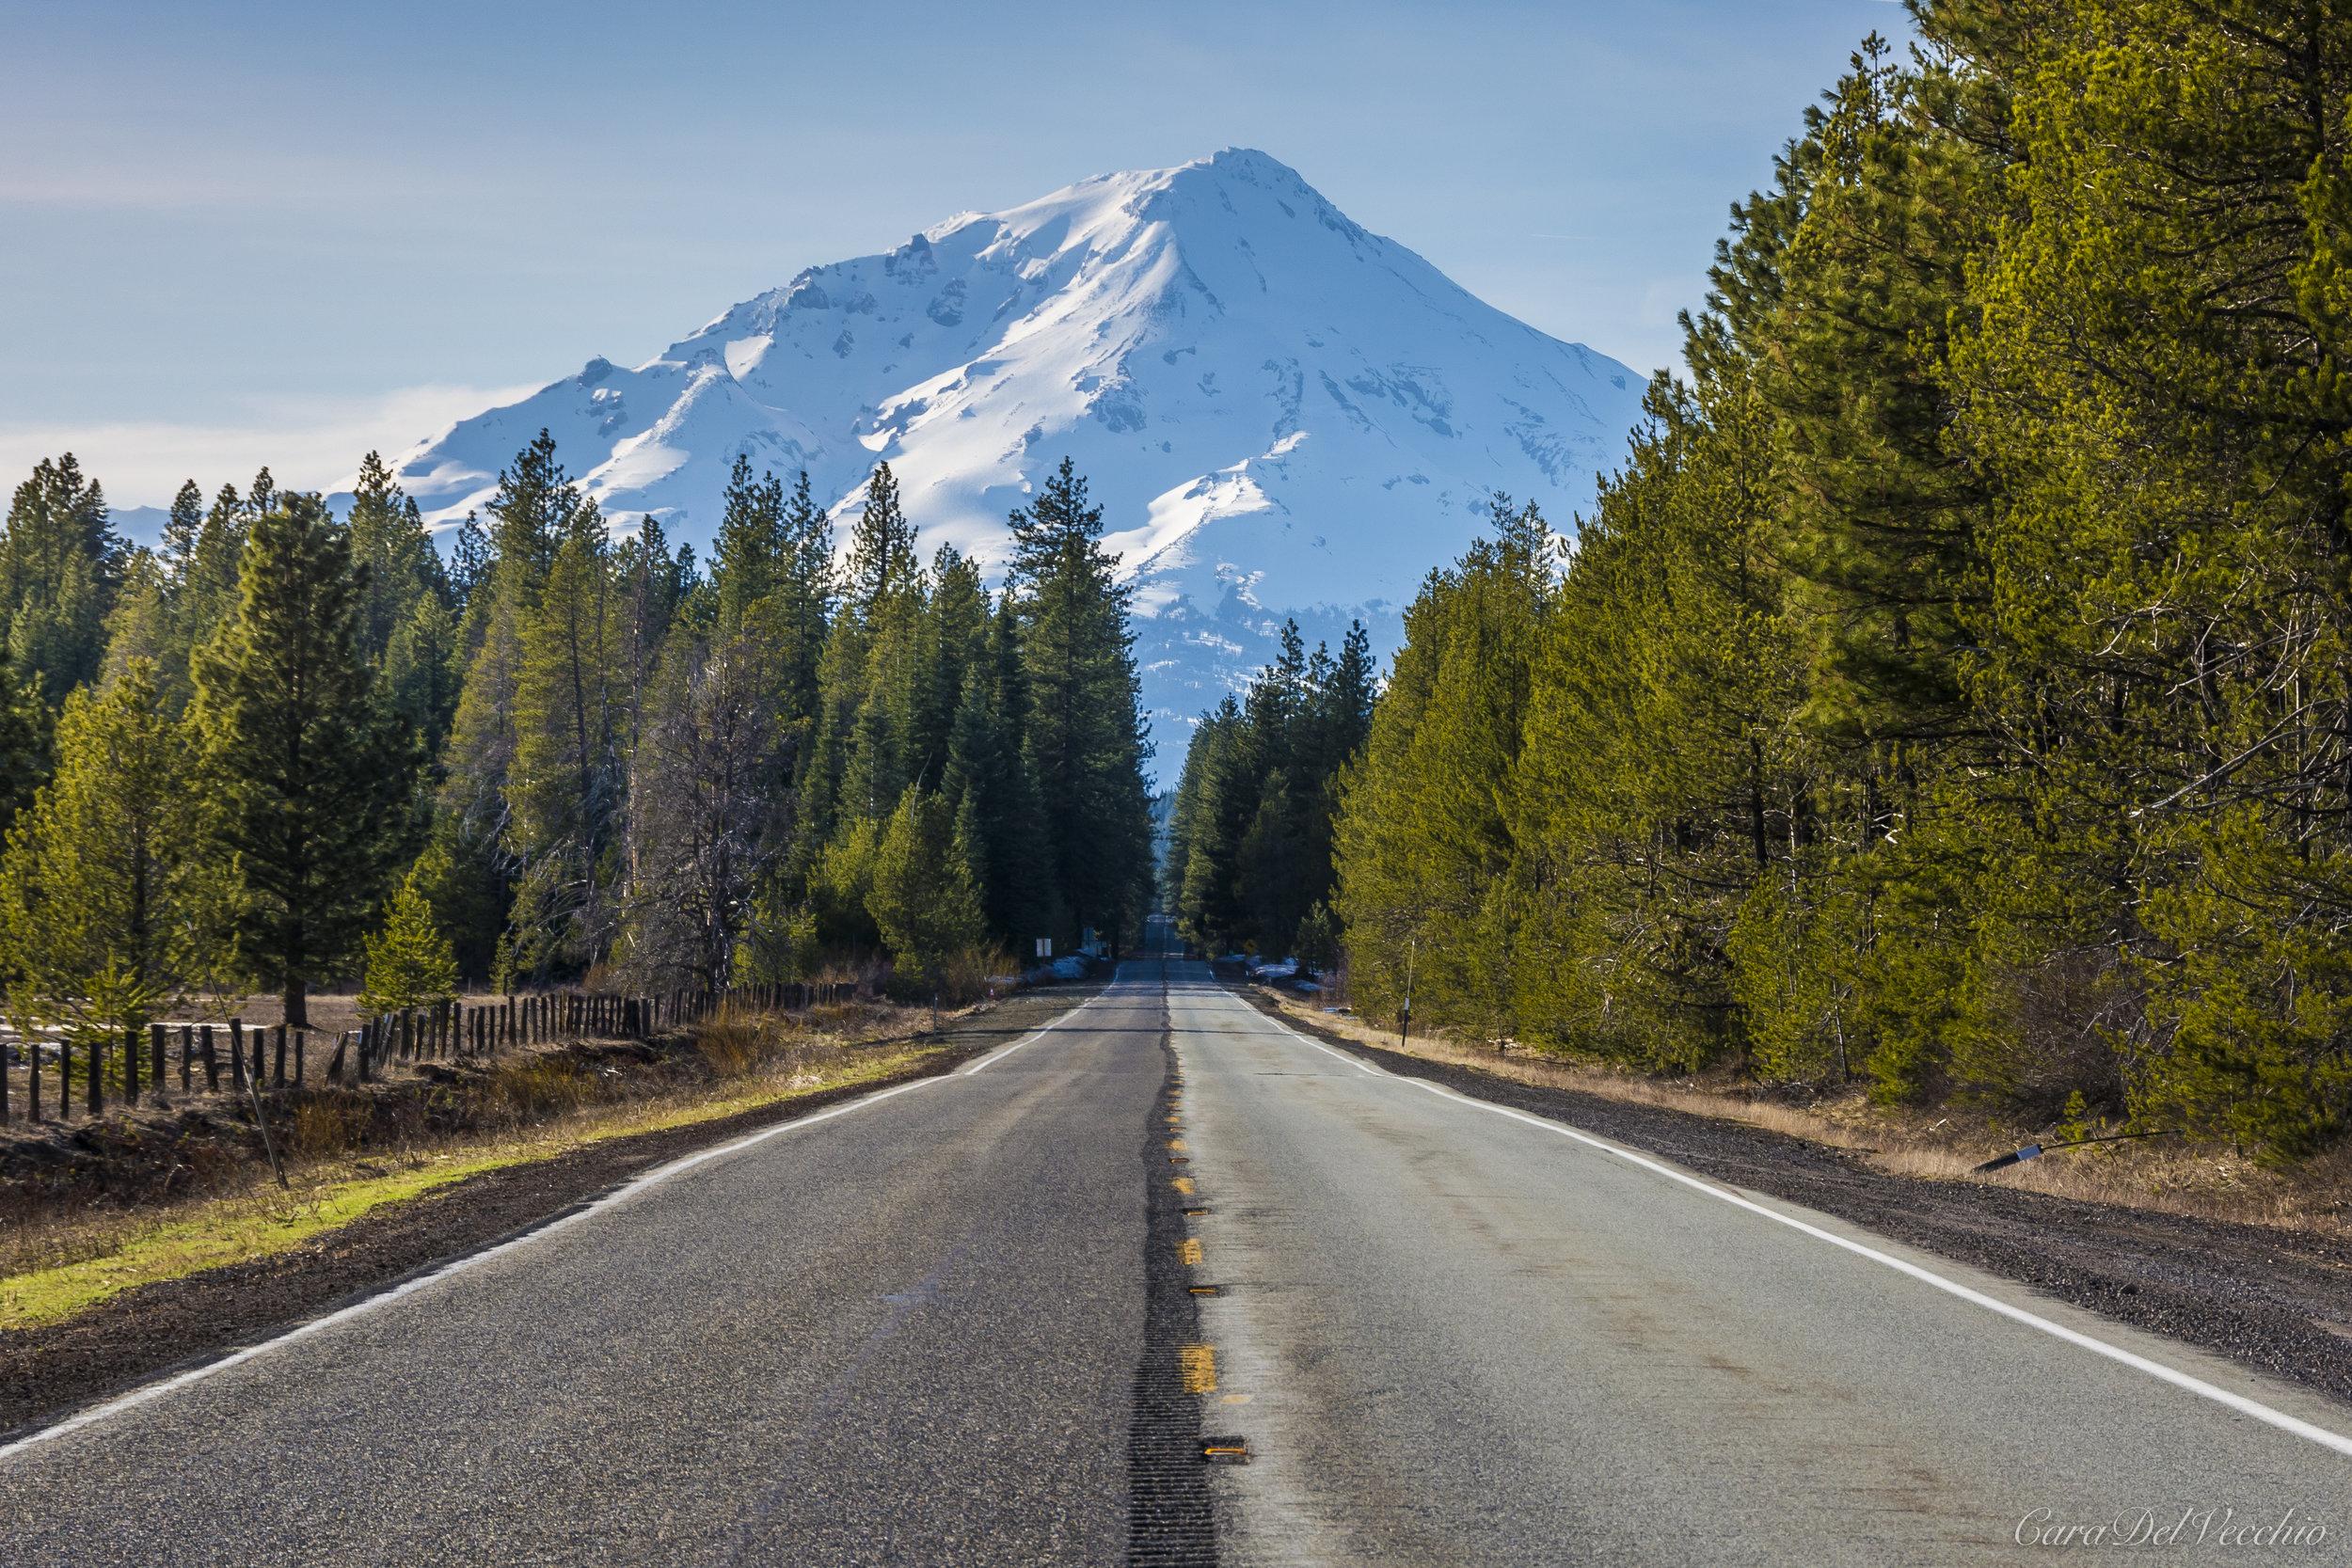 IMAGE #5 (Mount Shasta)